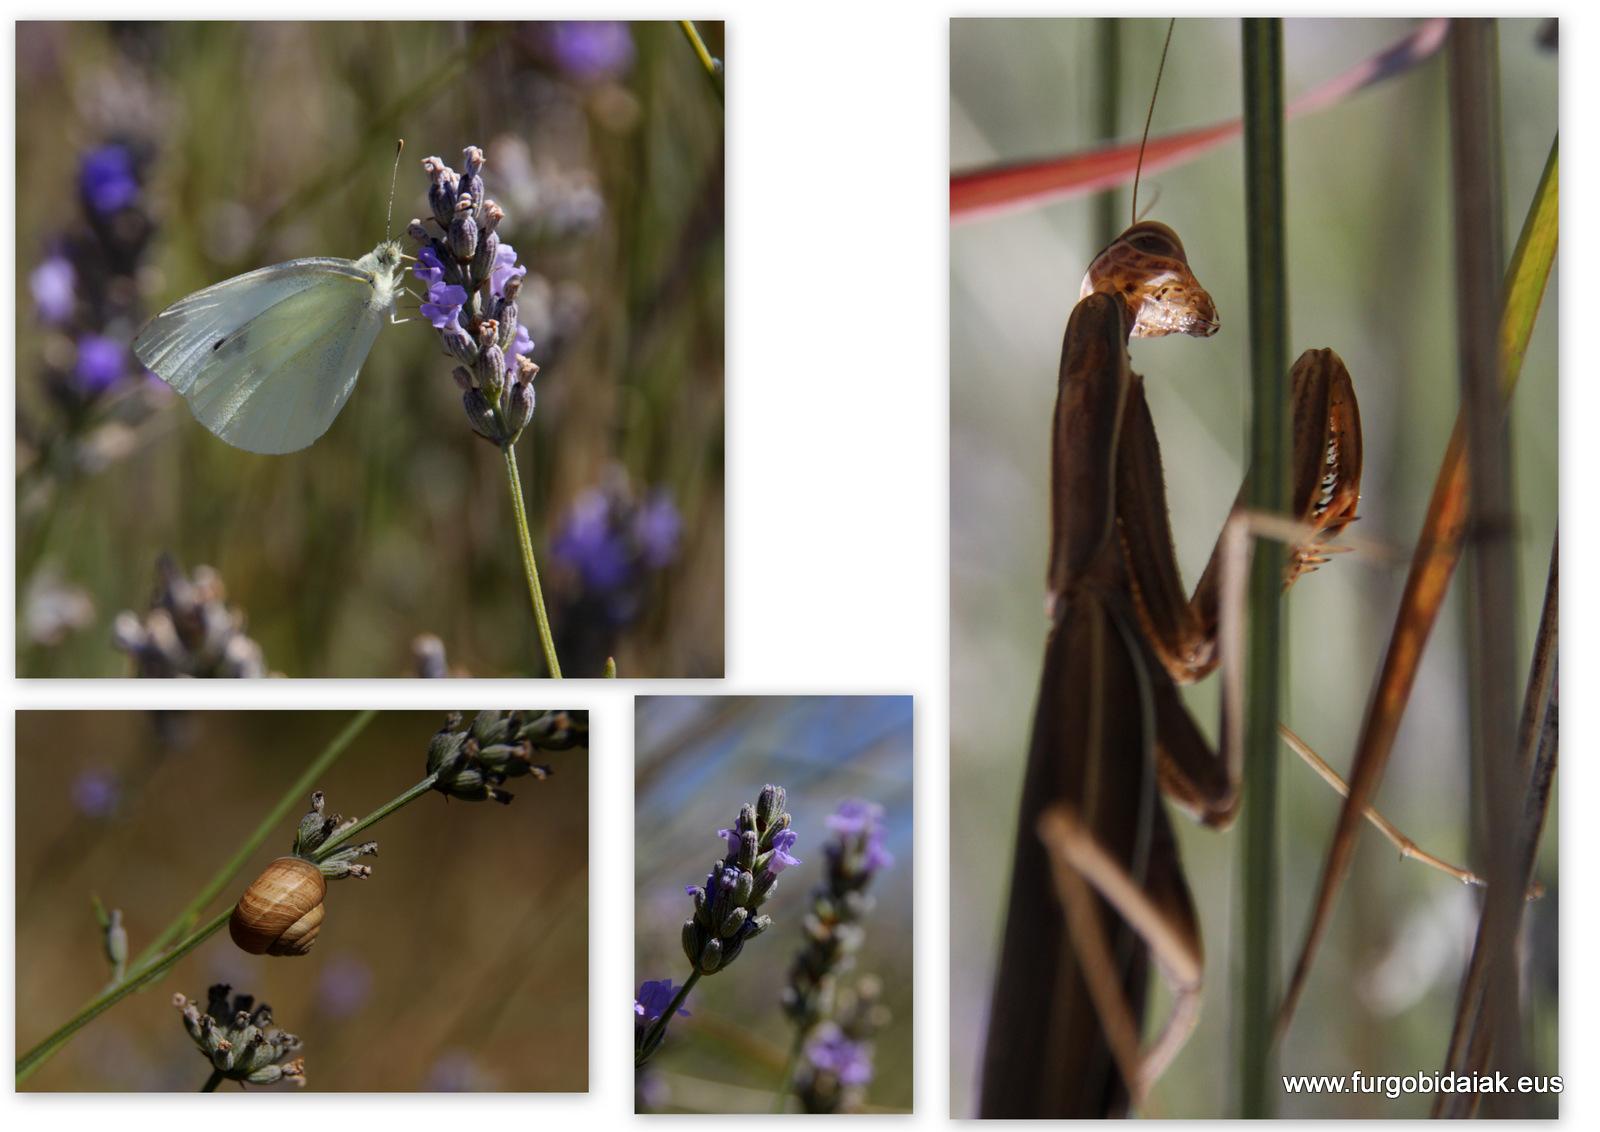 Jardín botánico Santa Catalina de Badaia, hierbas aromáticas